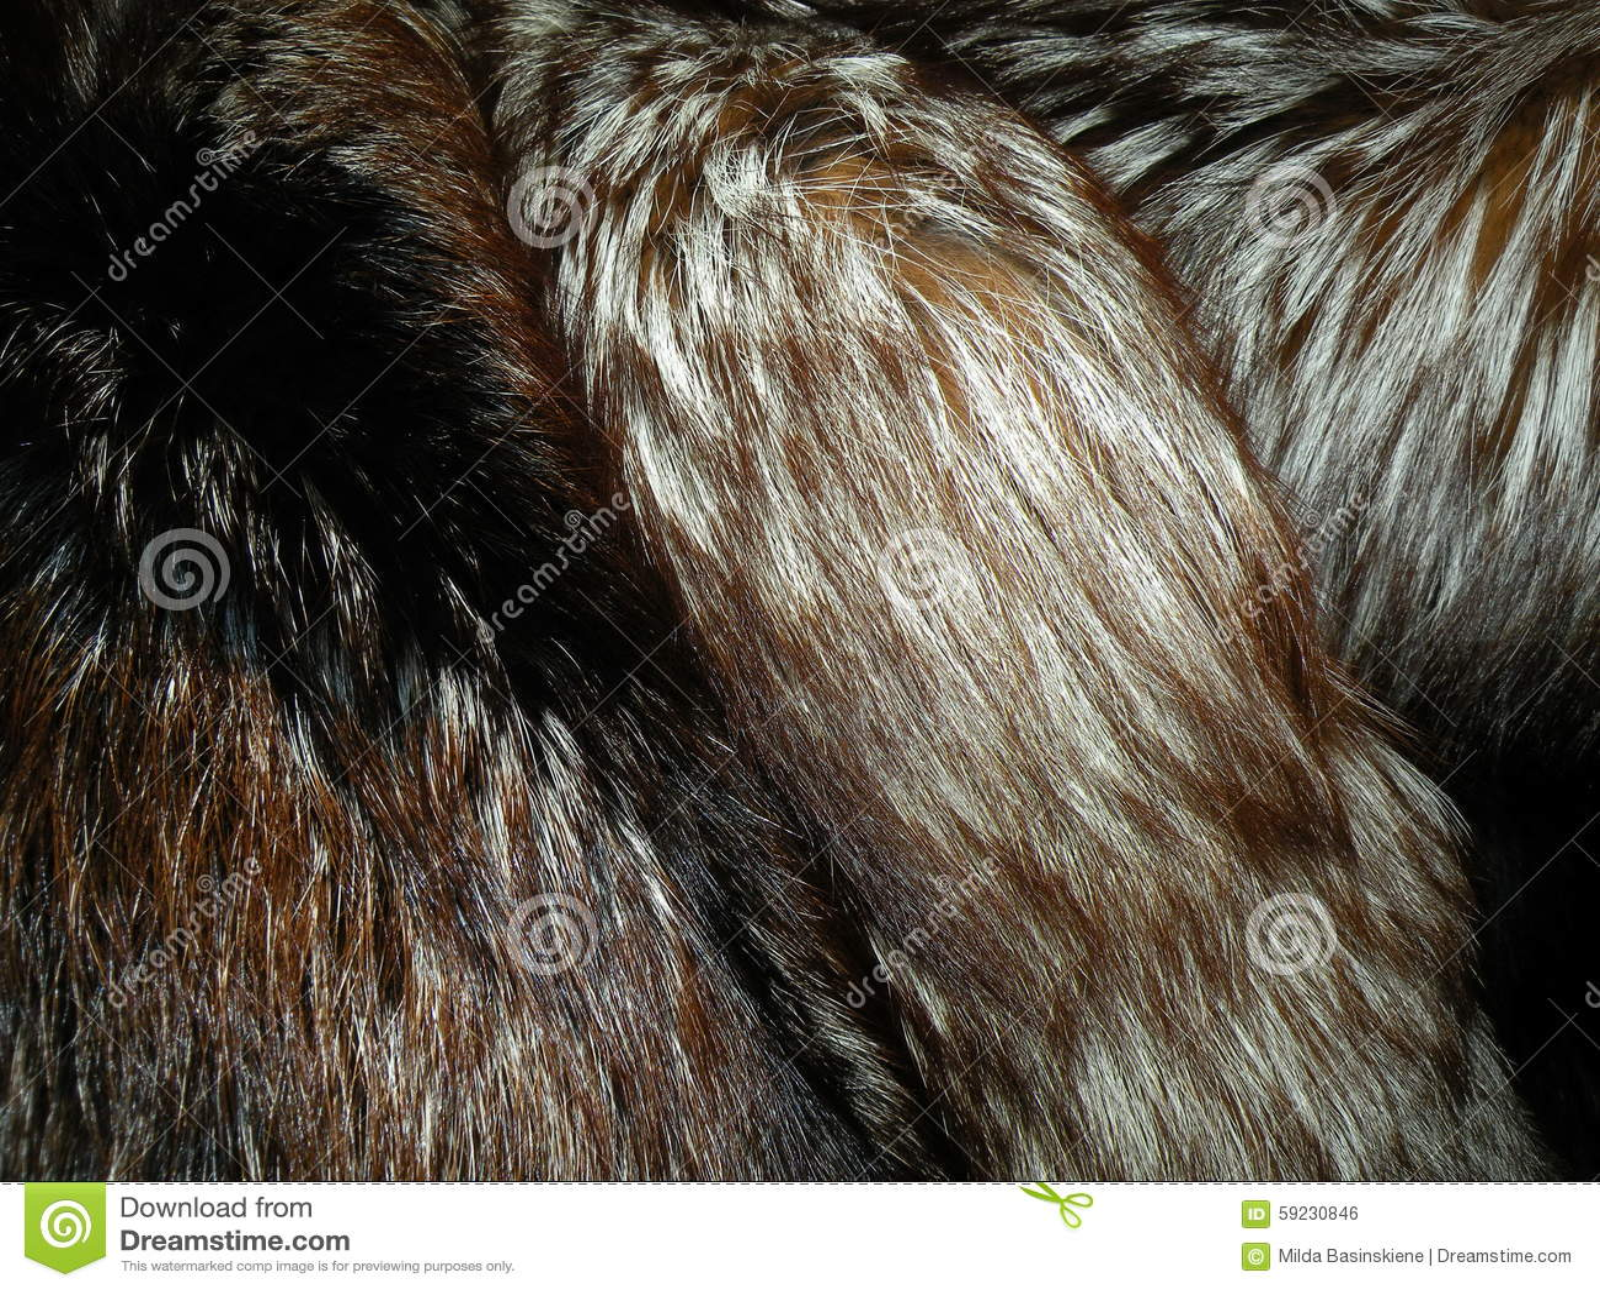 Download Piel de zorro natural foto de archivo. Imagen de coloreado - 59230846